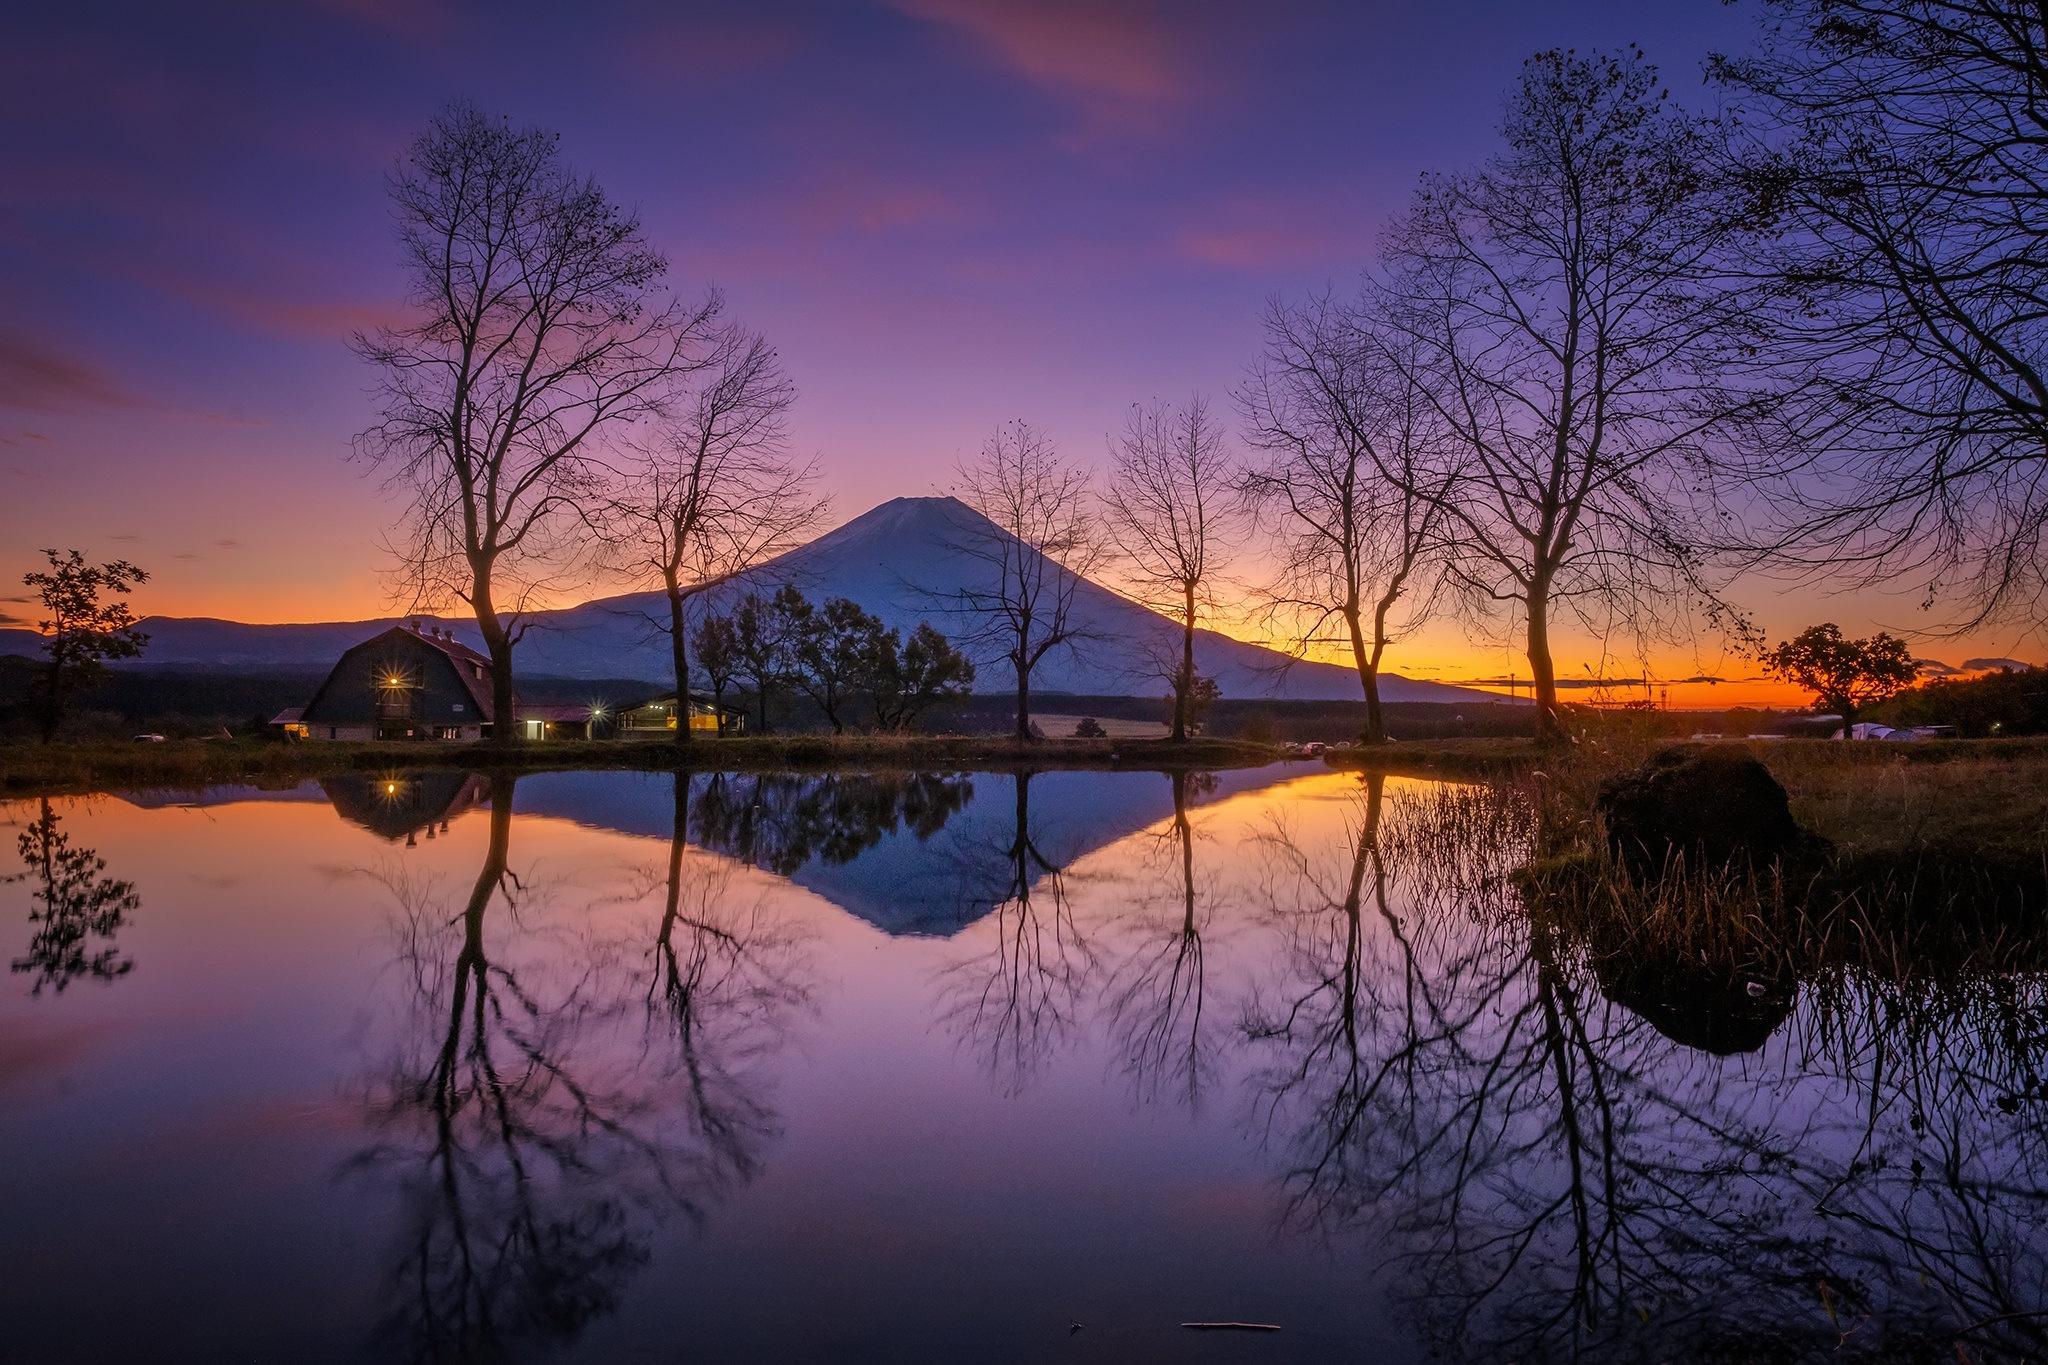 House Japan Lake 2048x1365